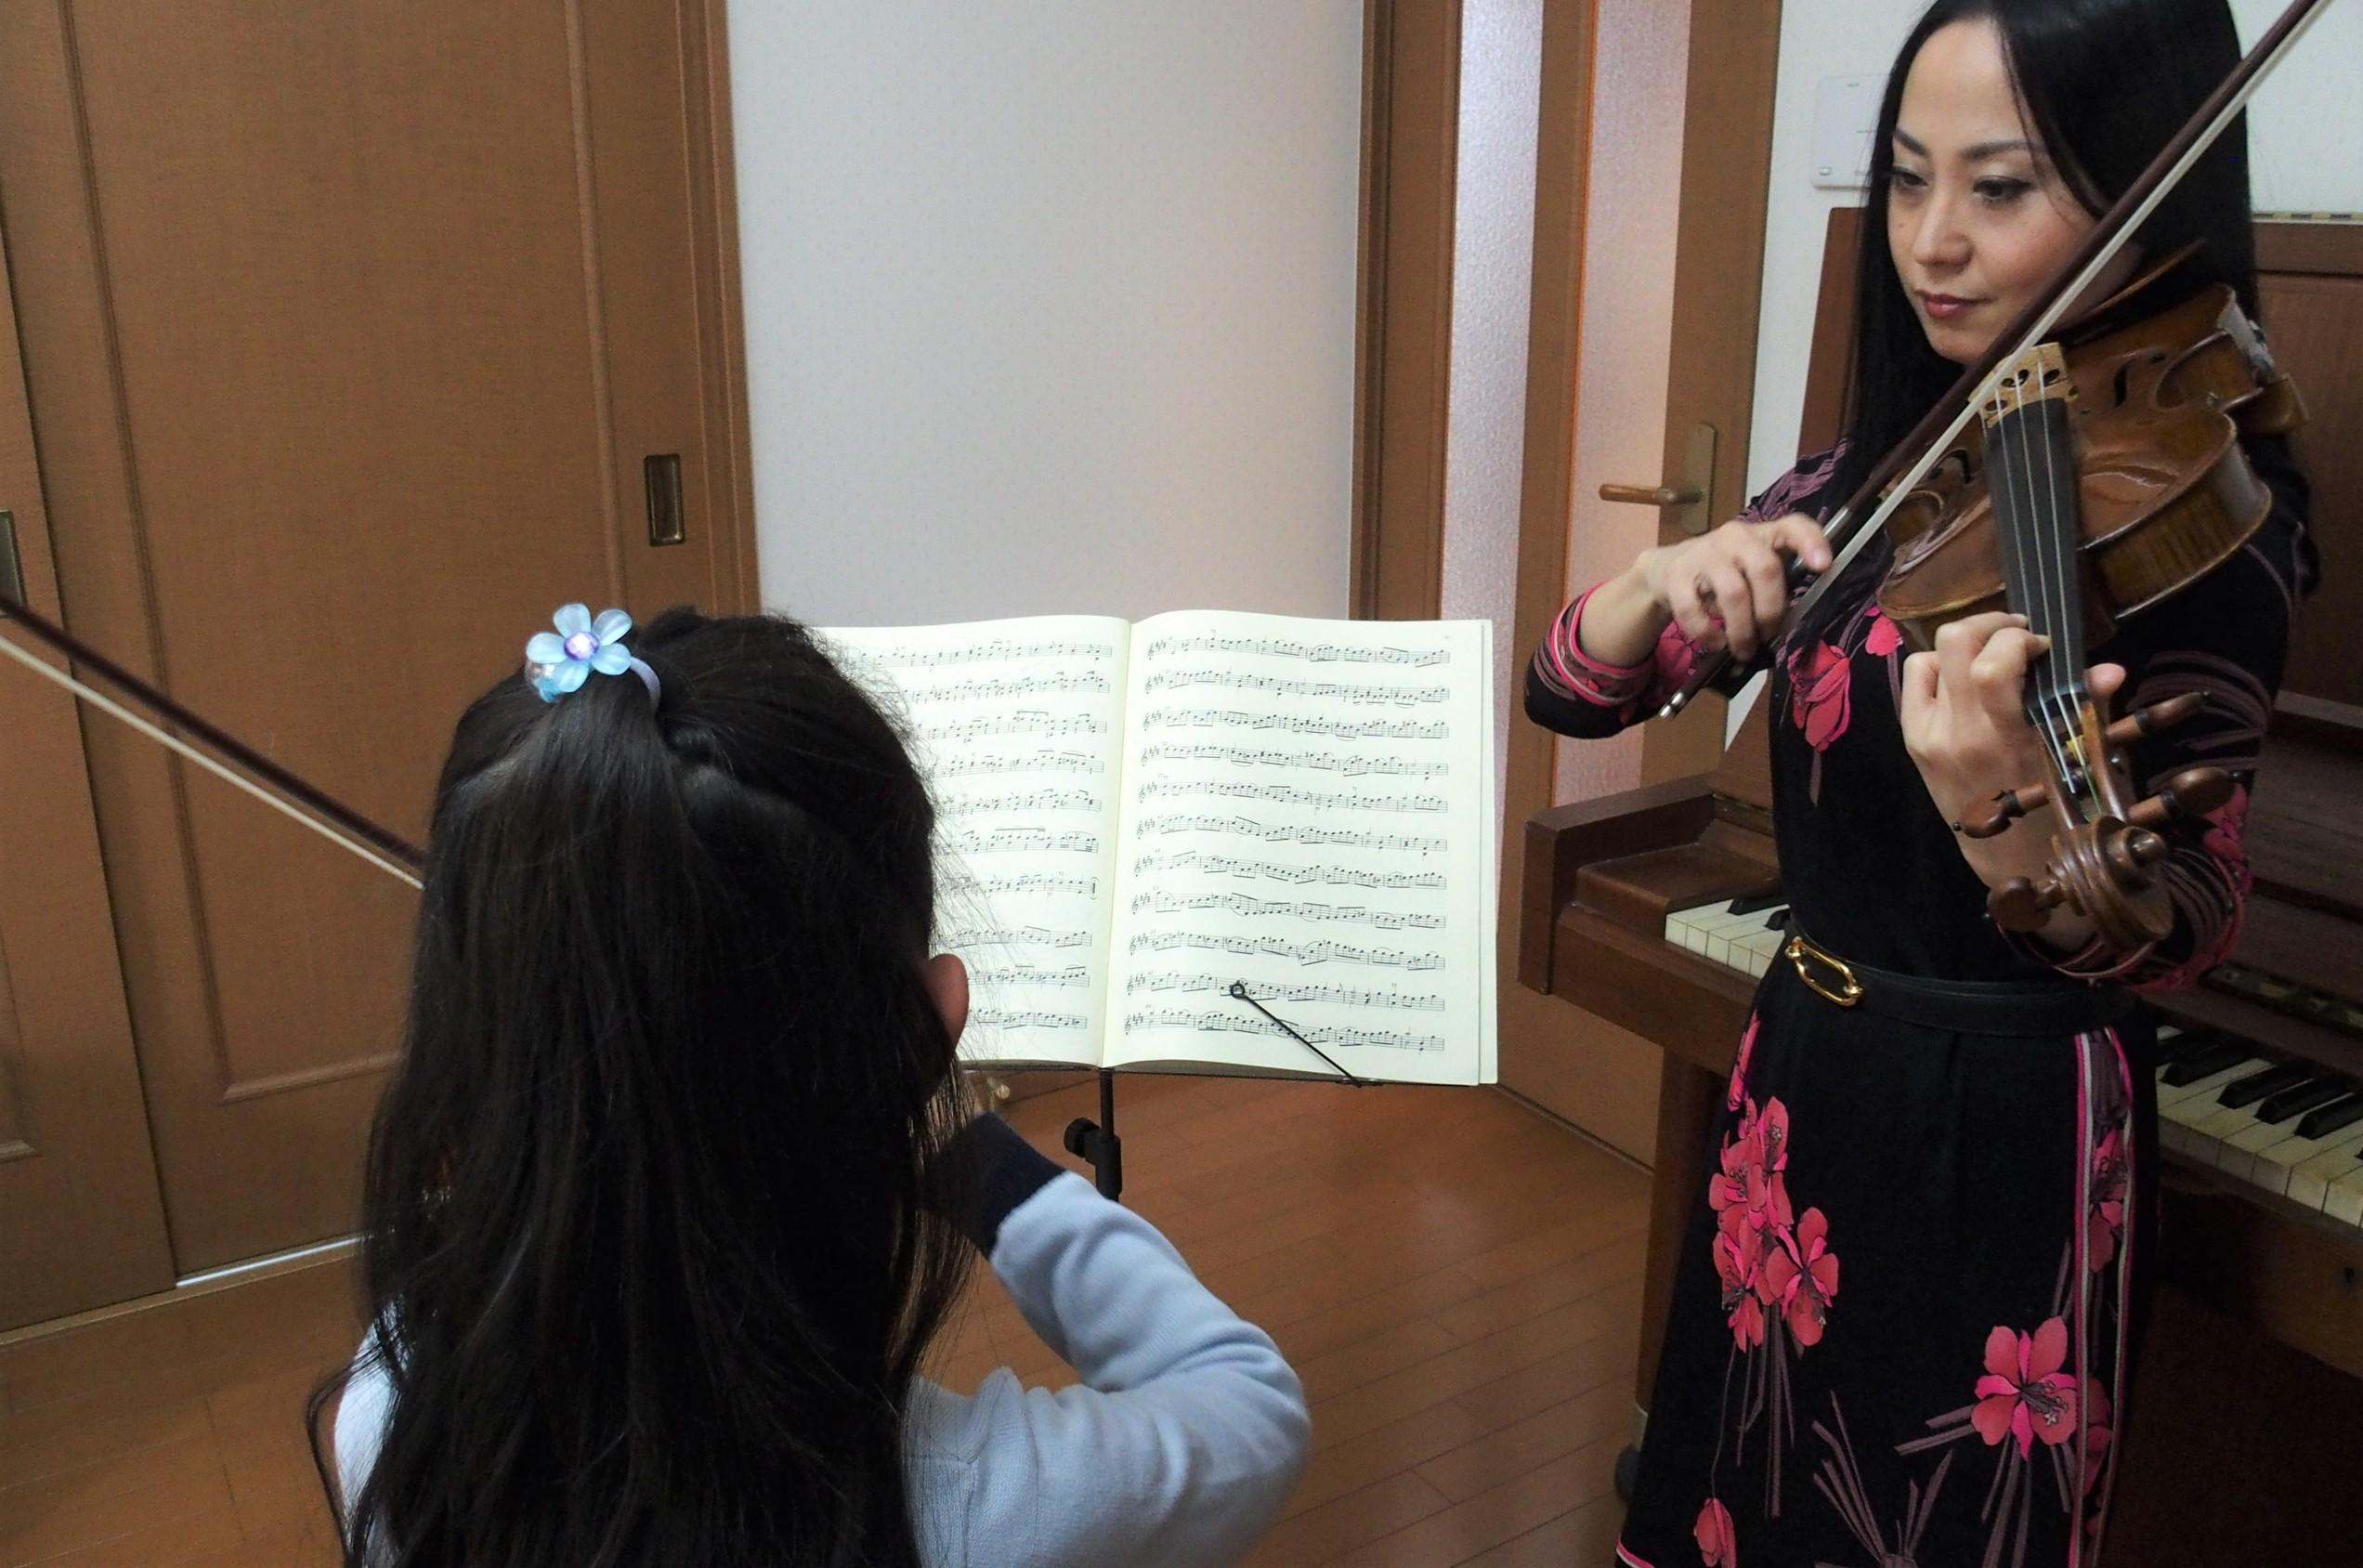 澤田智恵国際ヴァイオリン教室